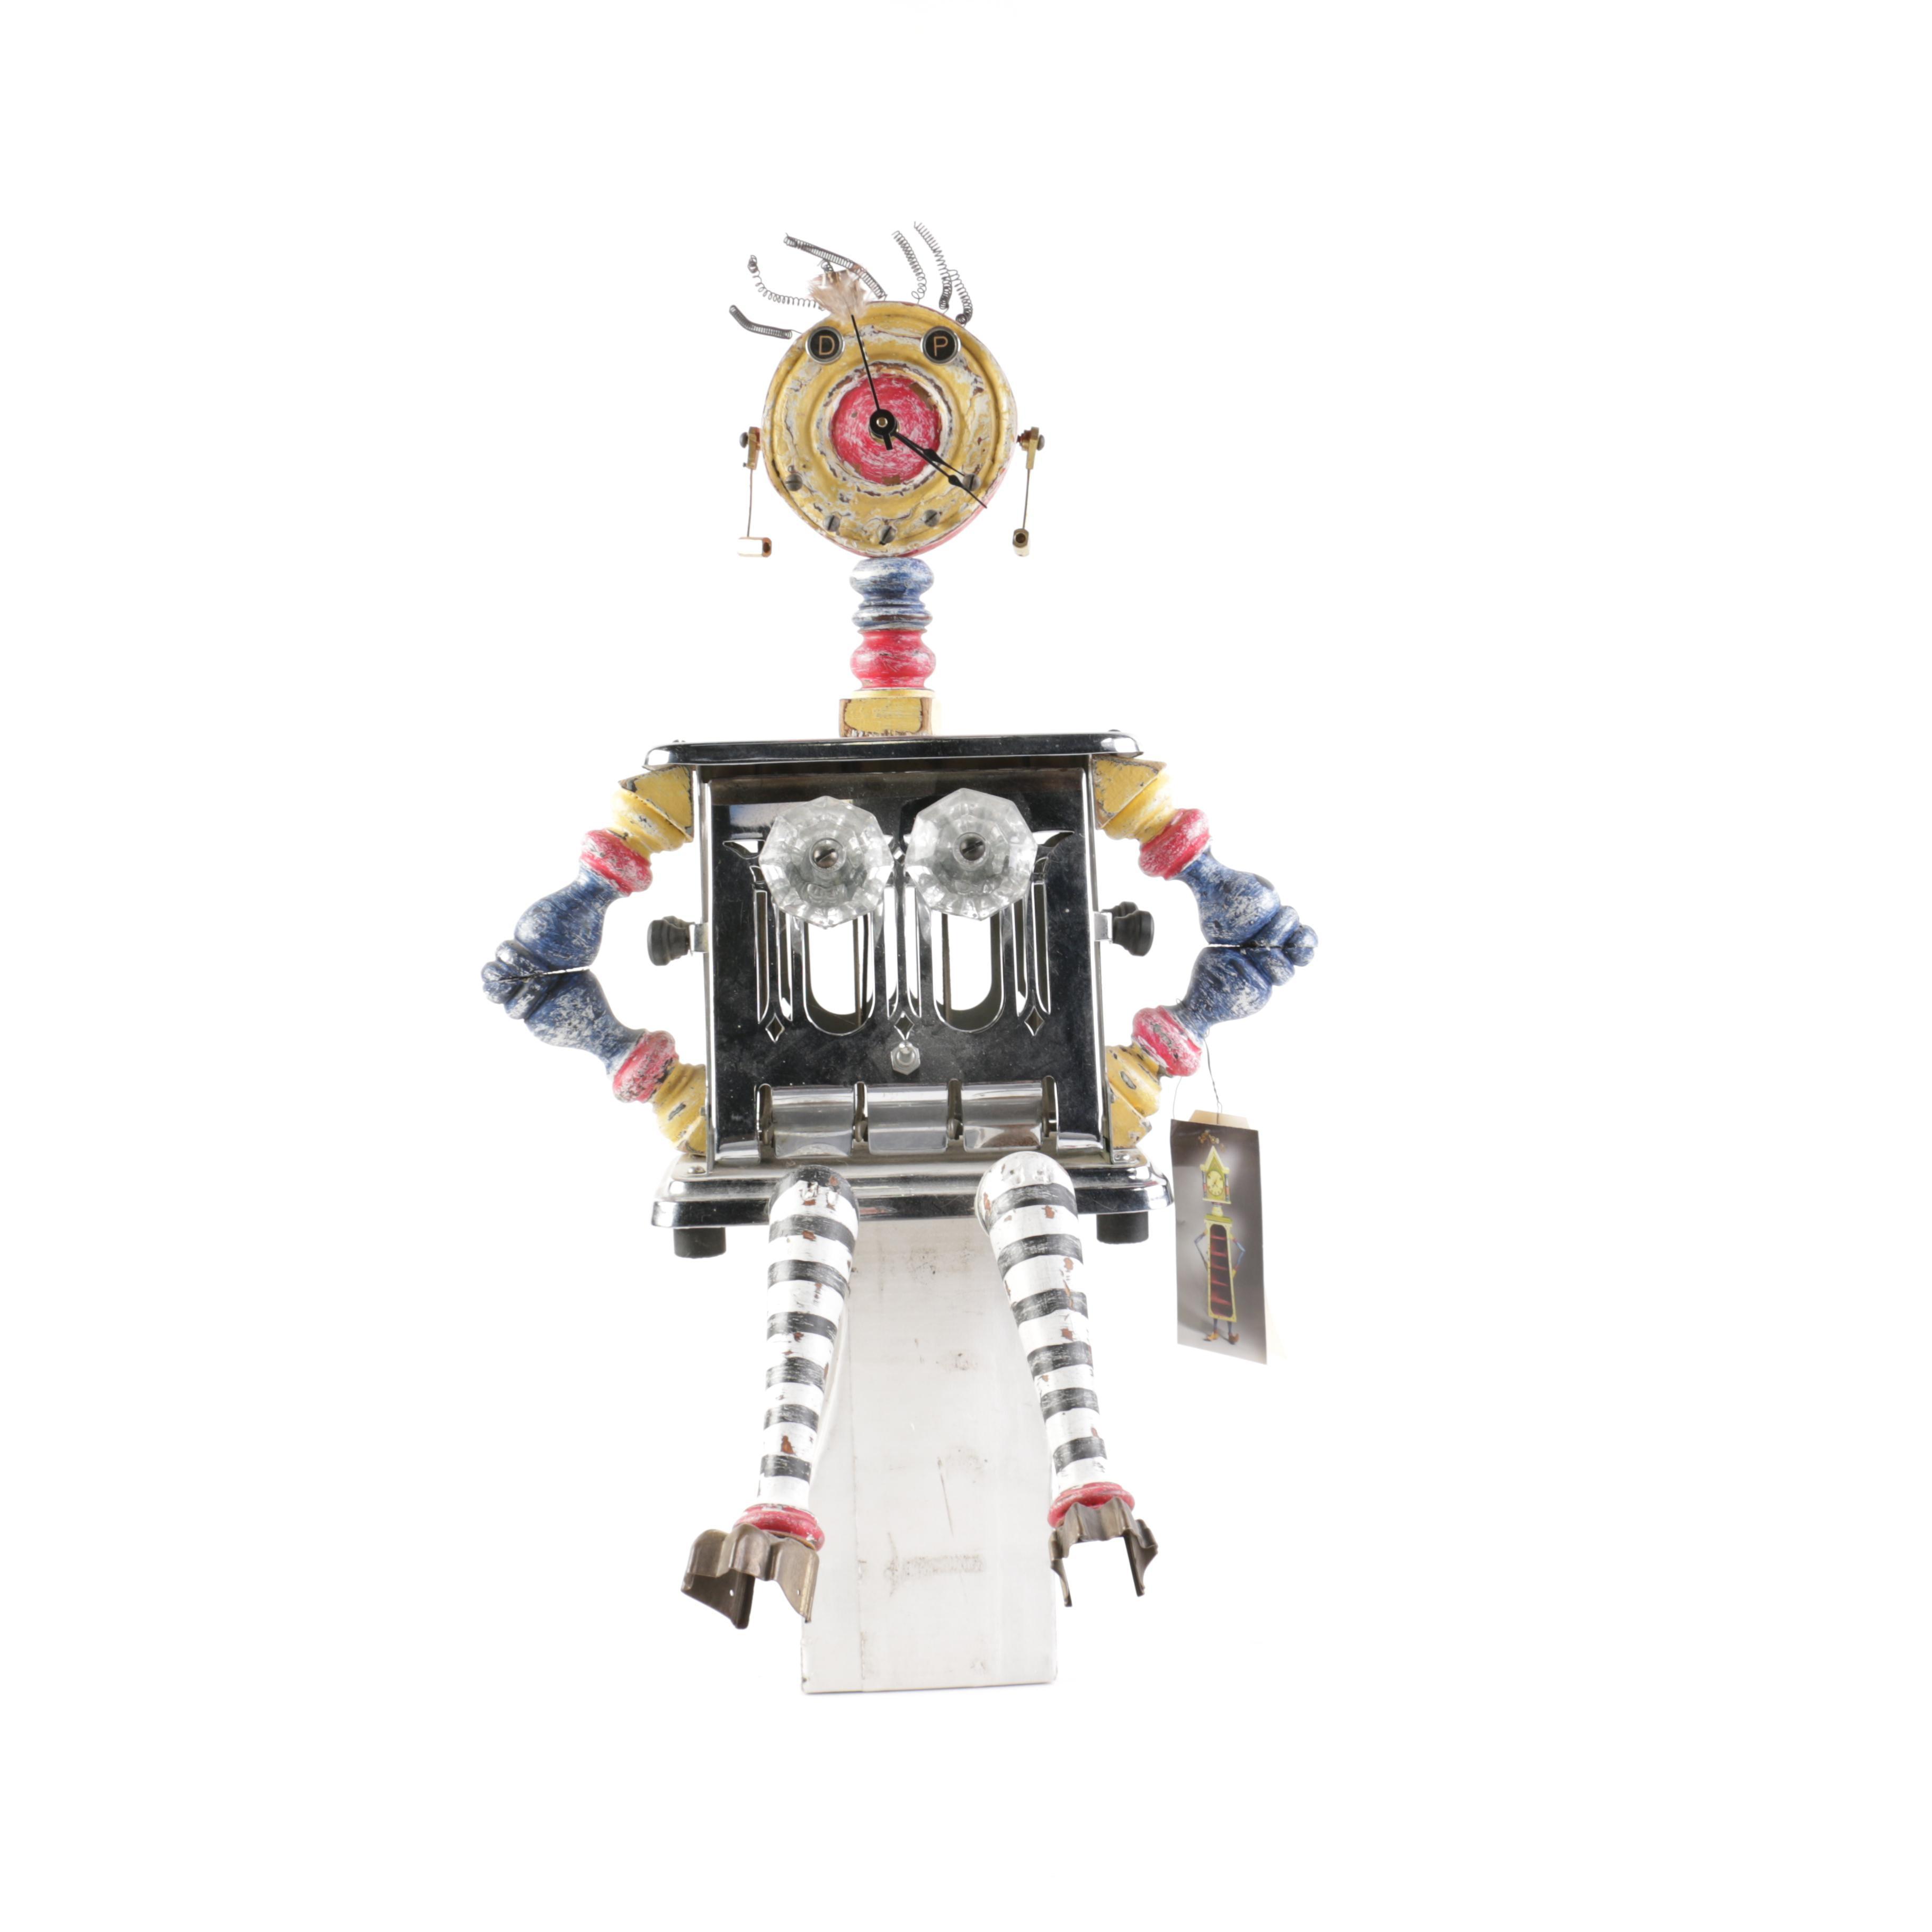 """Assembled Art Clock Sculpture Titled """"Dolly"""""""